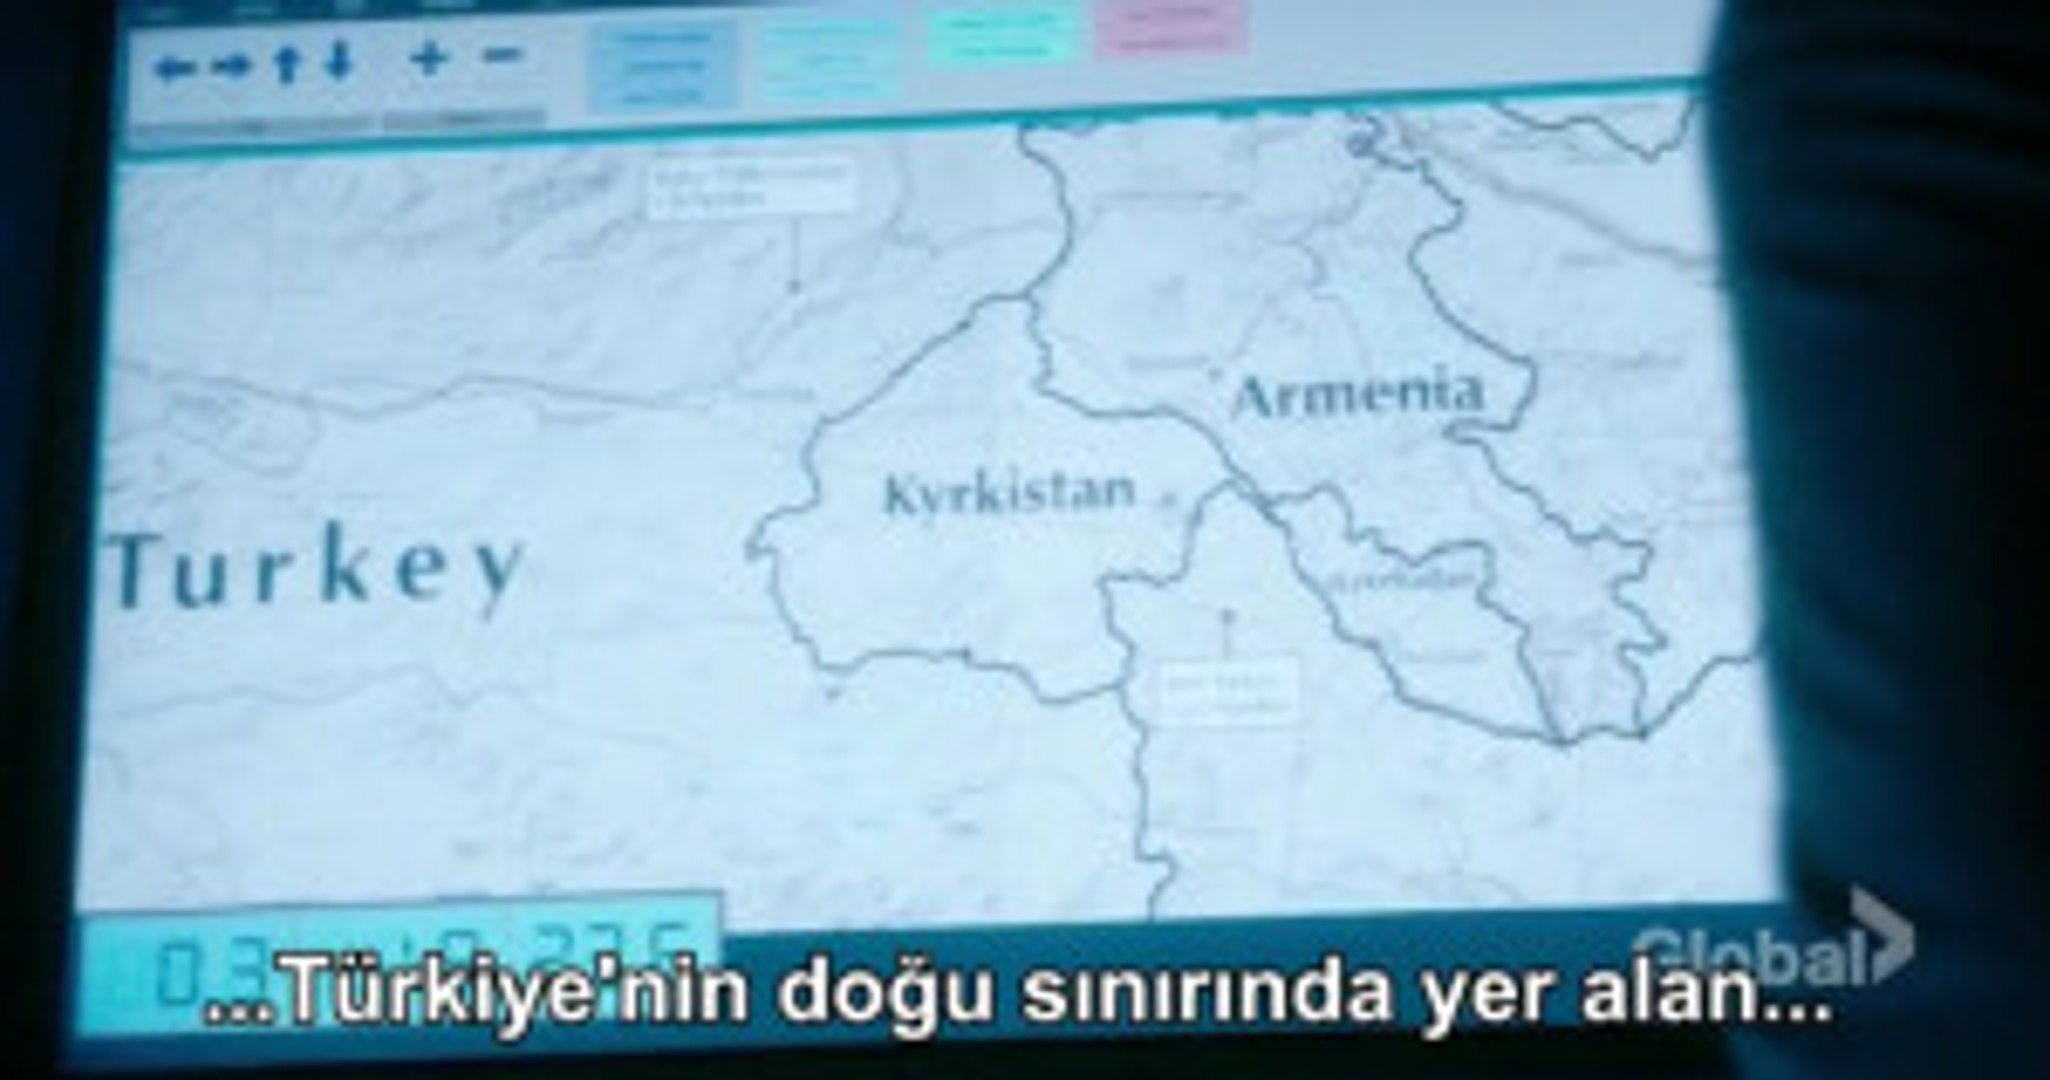 ABD Dizisi Blacklist Türkiye'de Kyrkistan Diye Yeni Bir Devlet Kurdu